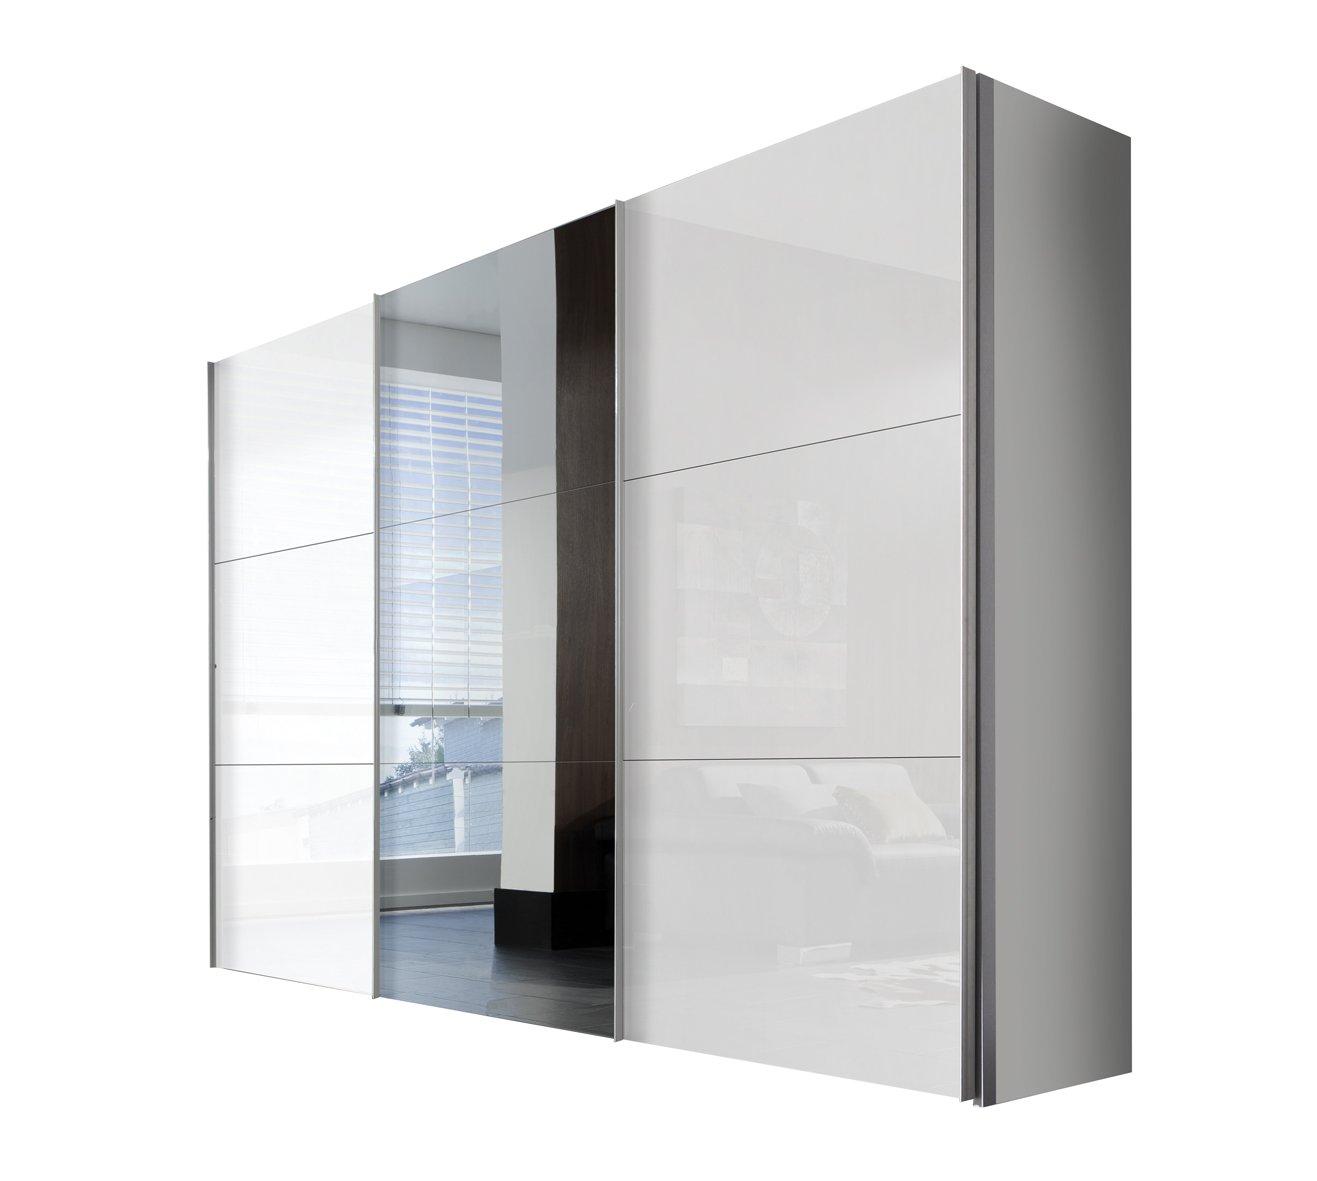 Solutions 46340-203 Schwebetürenschrank 3-türig, Griffleisten Alufarben, Korpus Polarweiß / Front Lack weiß und Spiegel